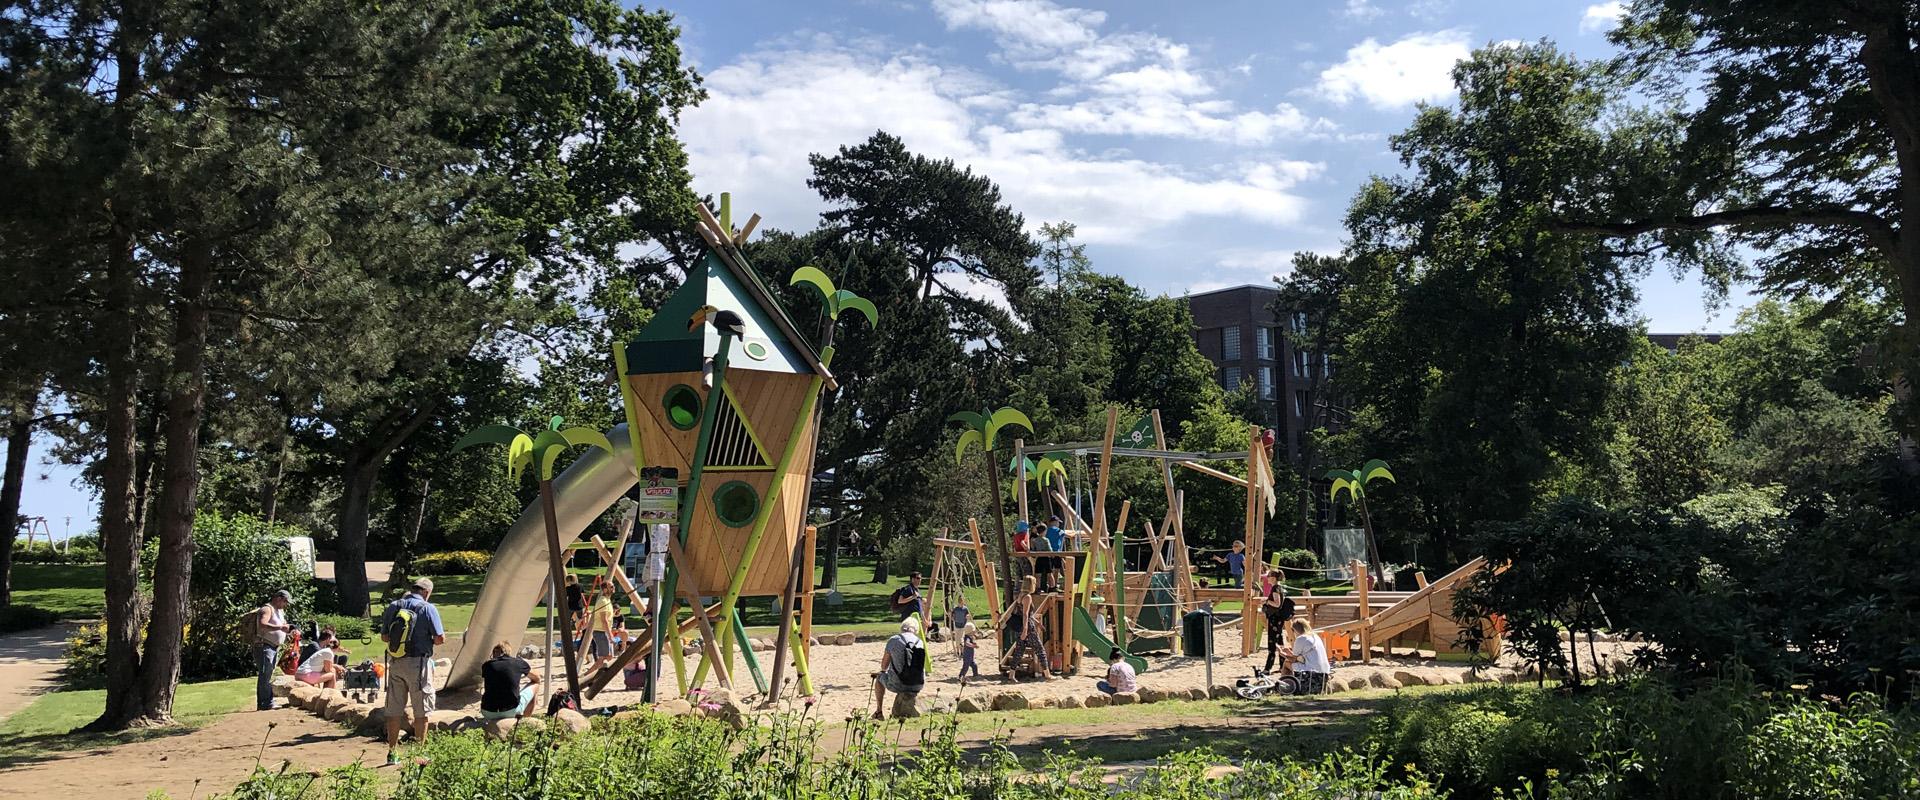 Neuer Spielplatz in Timmendorfer Strand